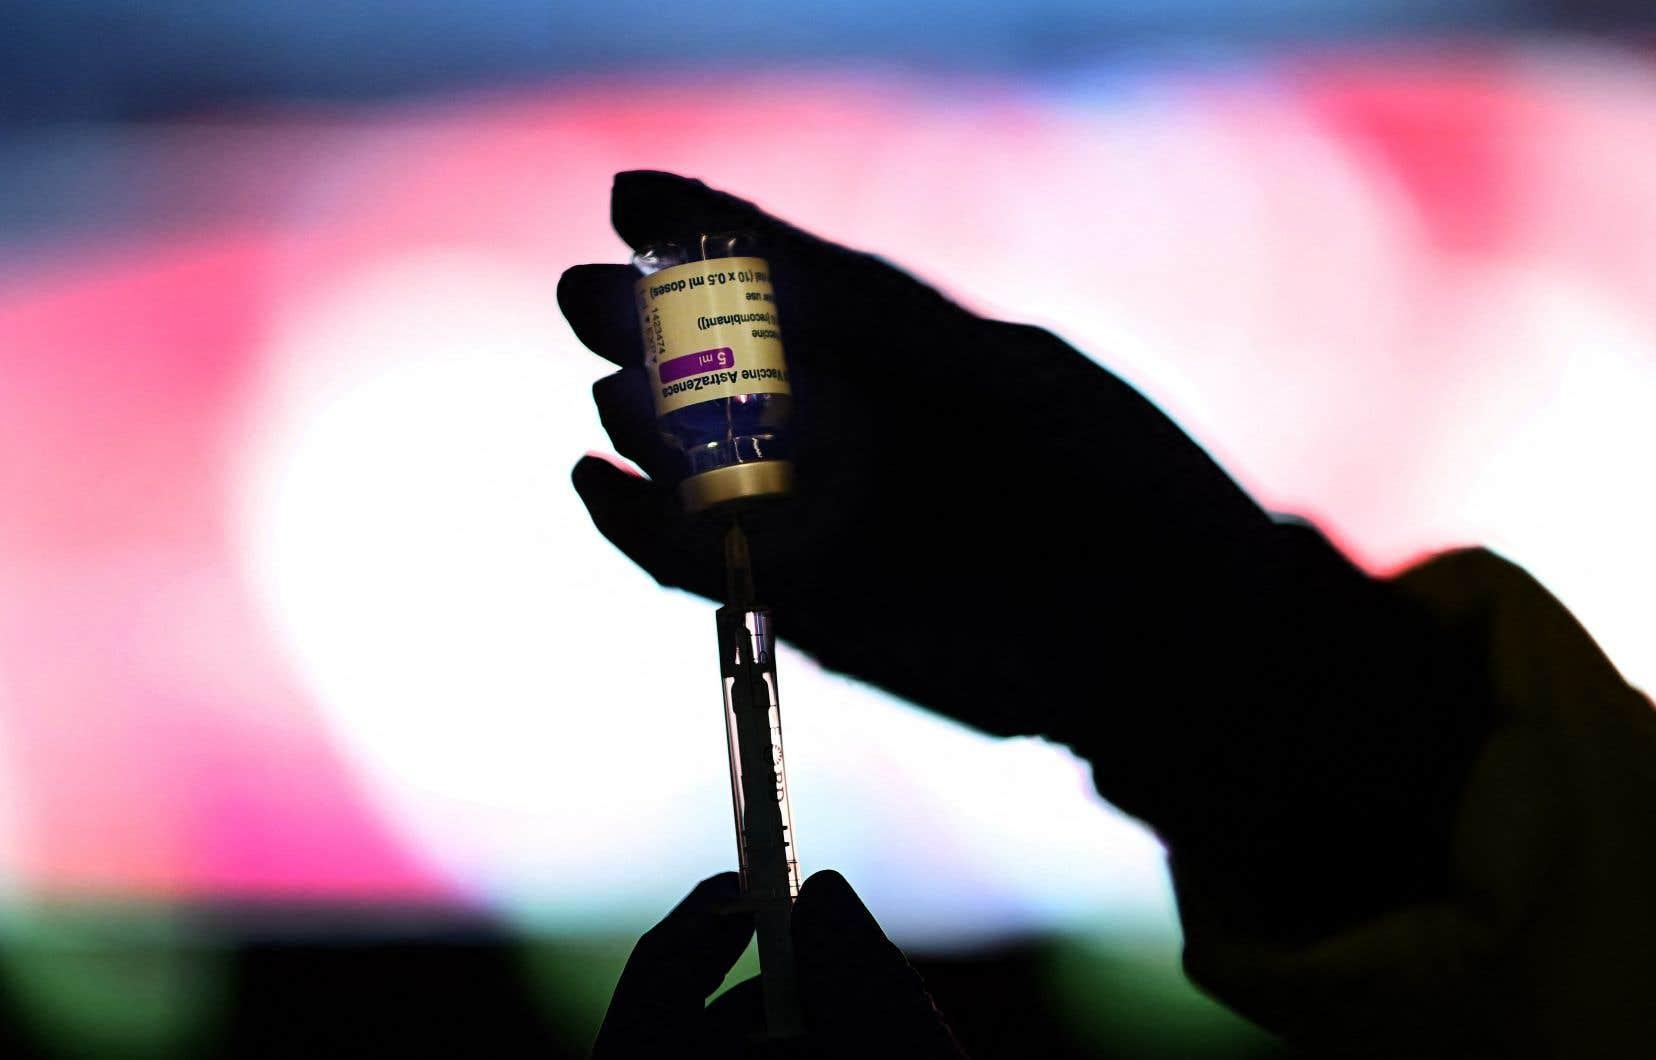 Le sondage suggère que la méfiance à l'égard d'AstraZeneca n'a pas jusqu'à présent rendu les Canadiens plus hésitants à se faire vacciner contre la COVID-19.